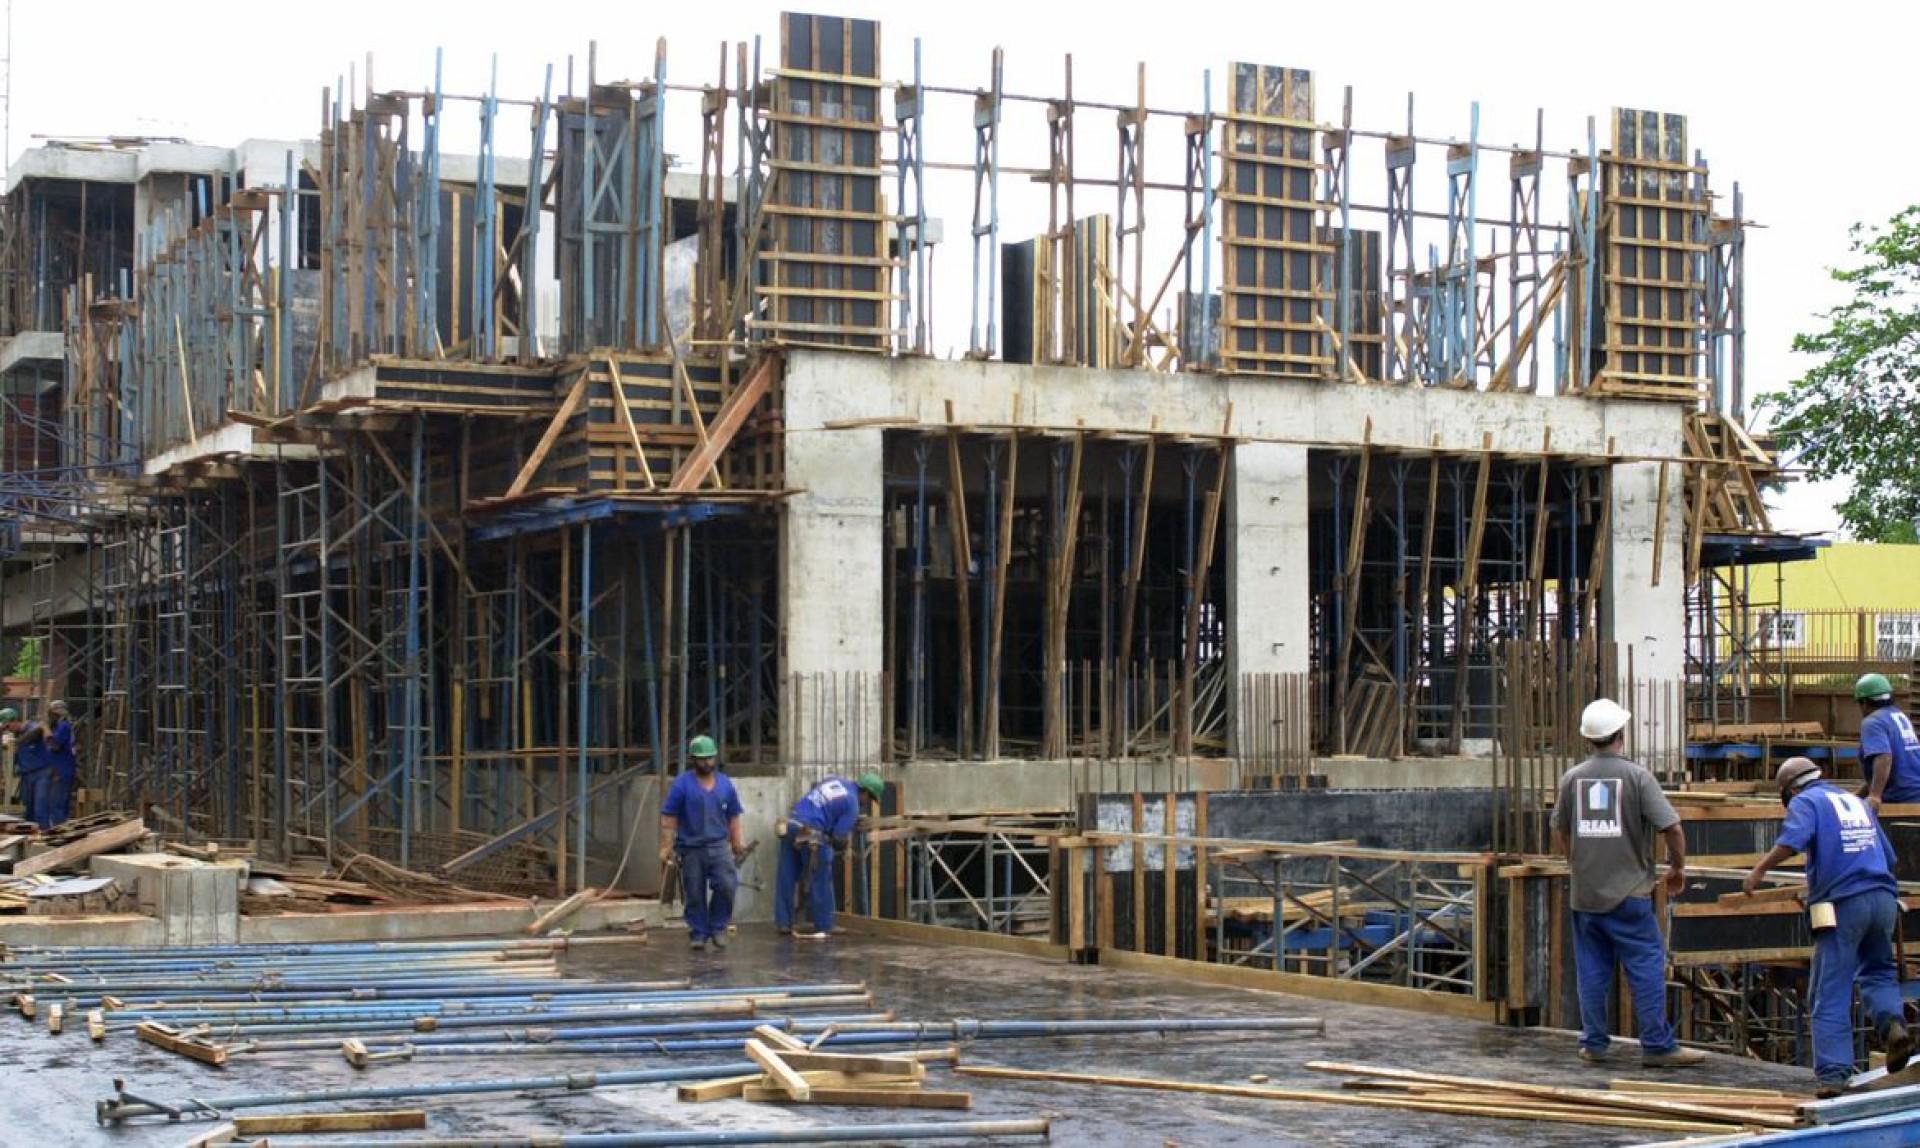 Indústria e construção não estão incluídas no lockdown e empresários dos setores devem manter otimismo